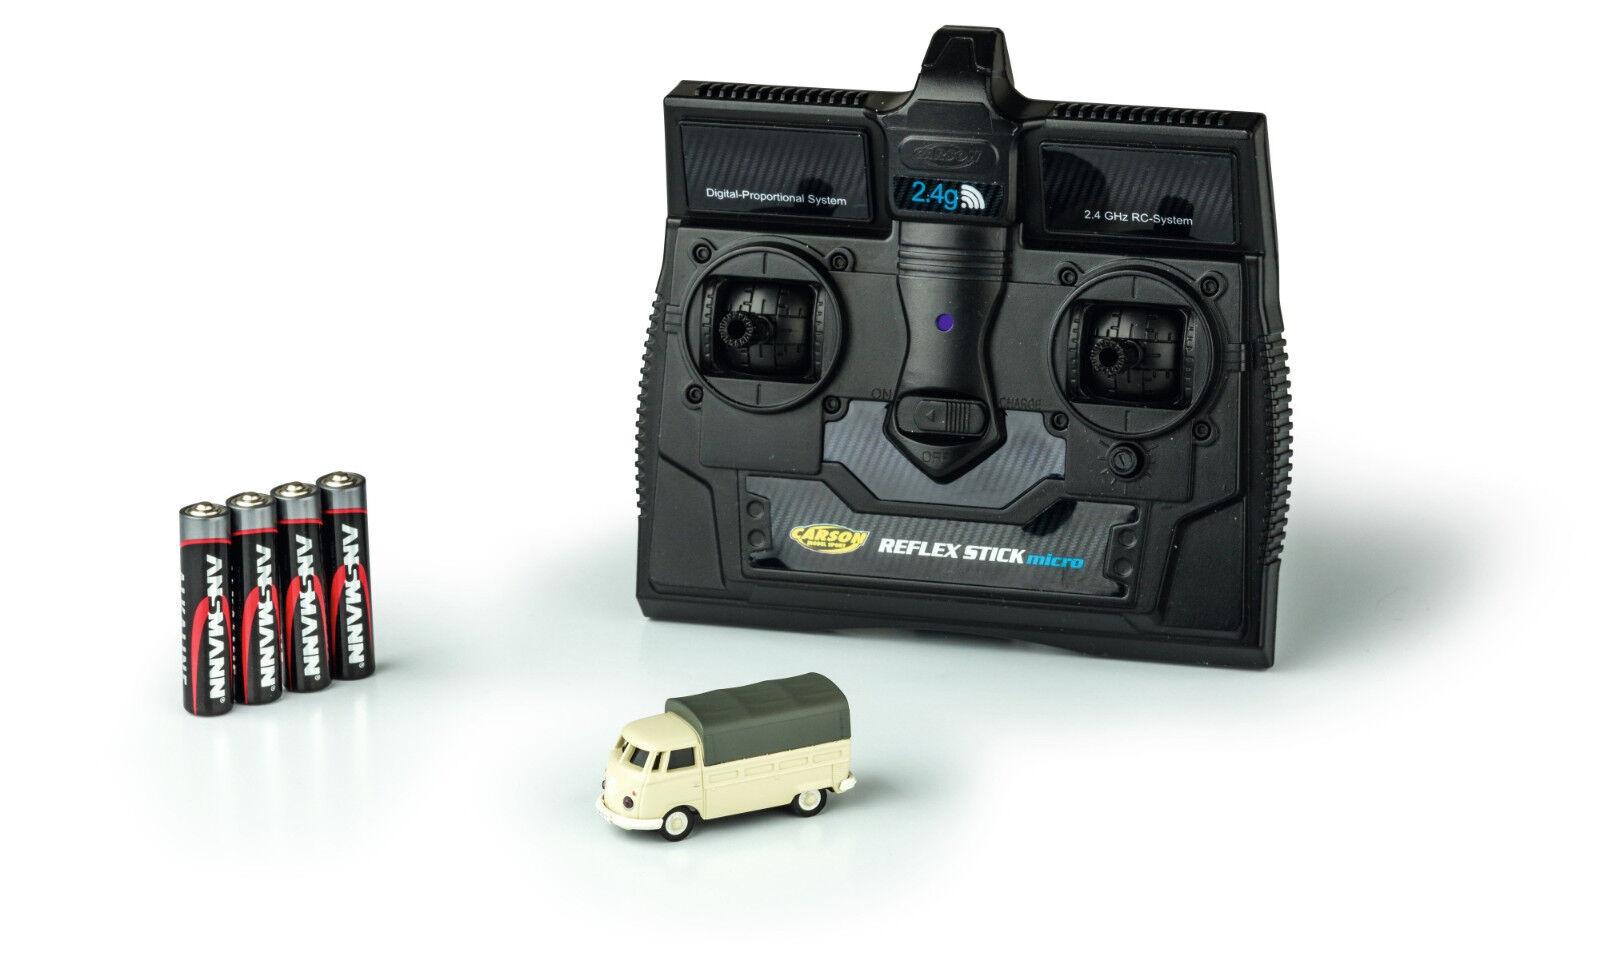 Carson 500504117 1 87 VW t1 furgoneta argentoforma 2.4g 100% rtr mercancía nueva